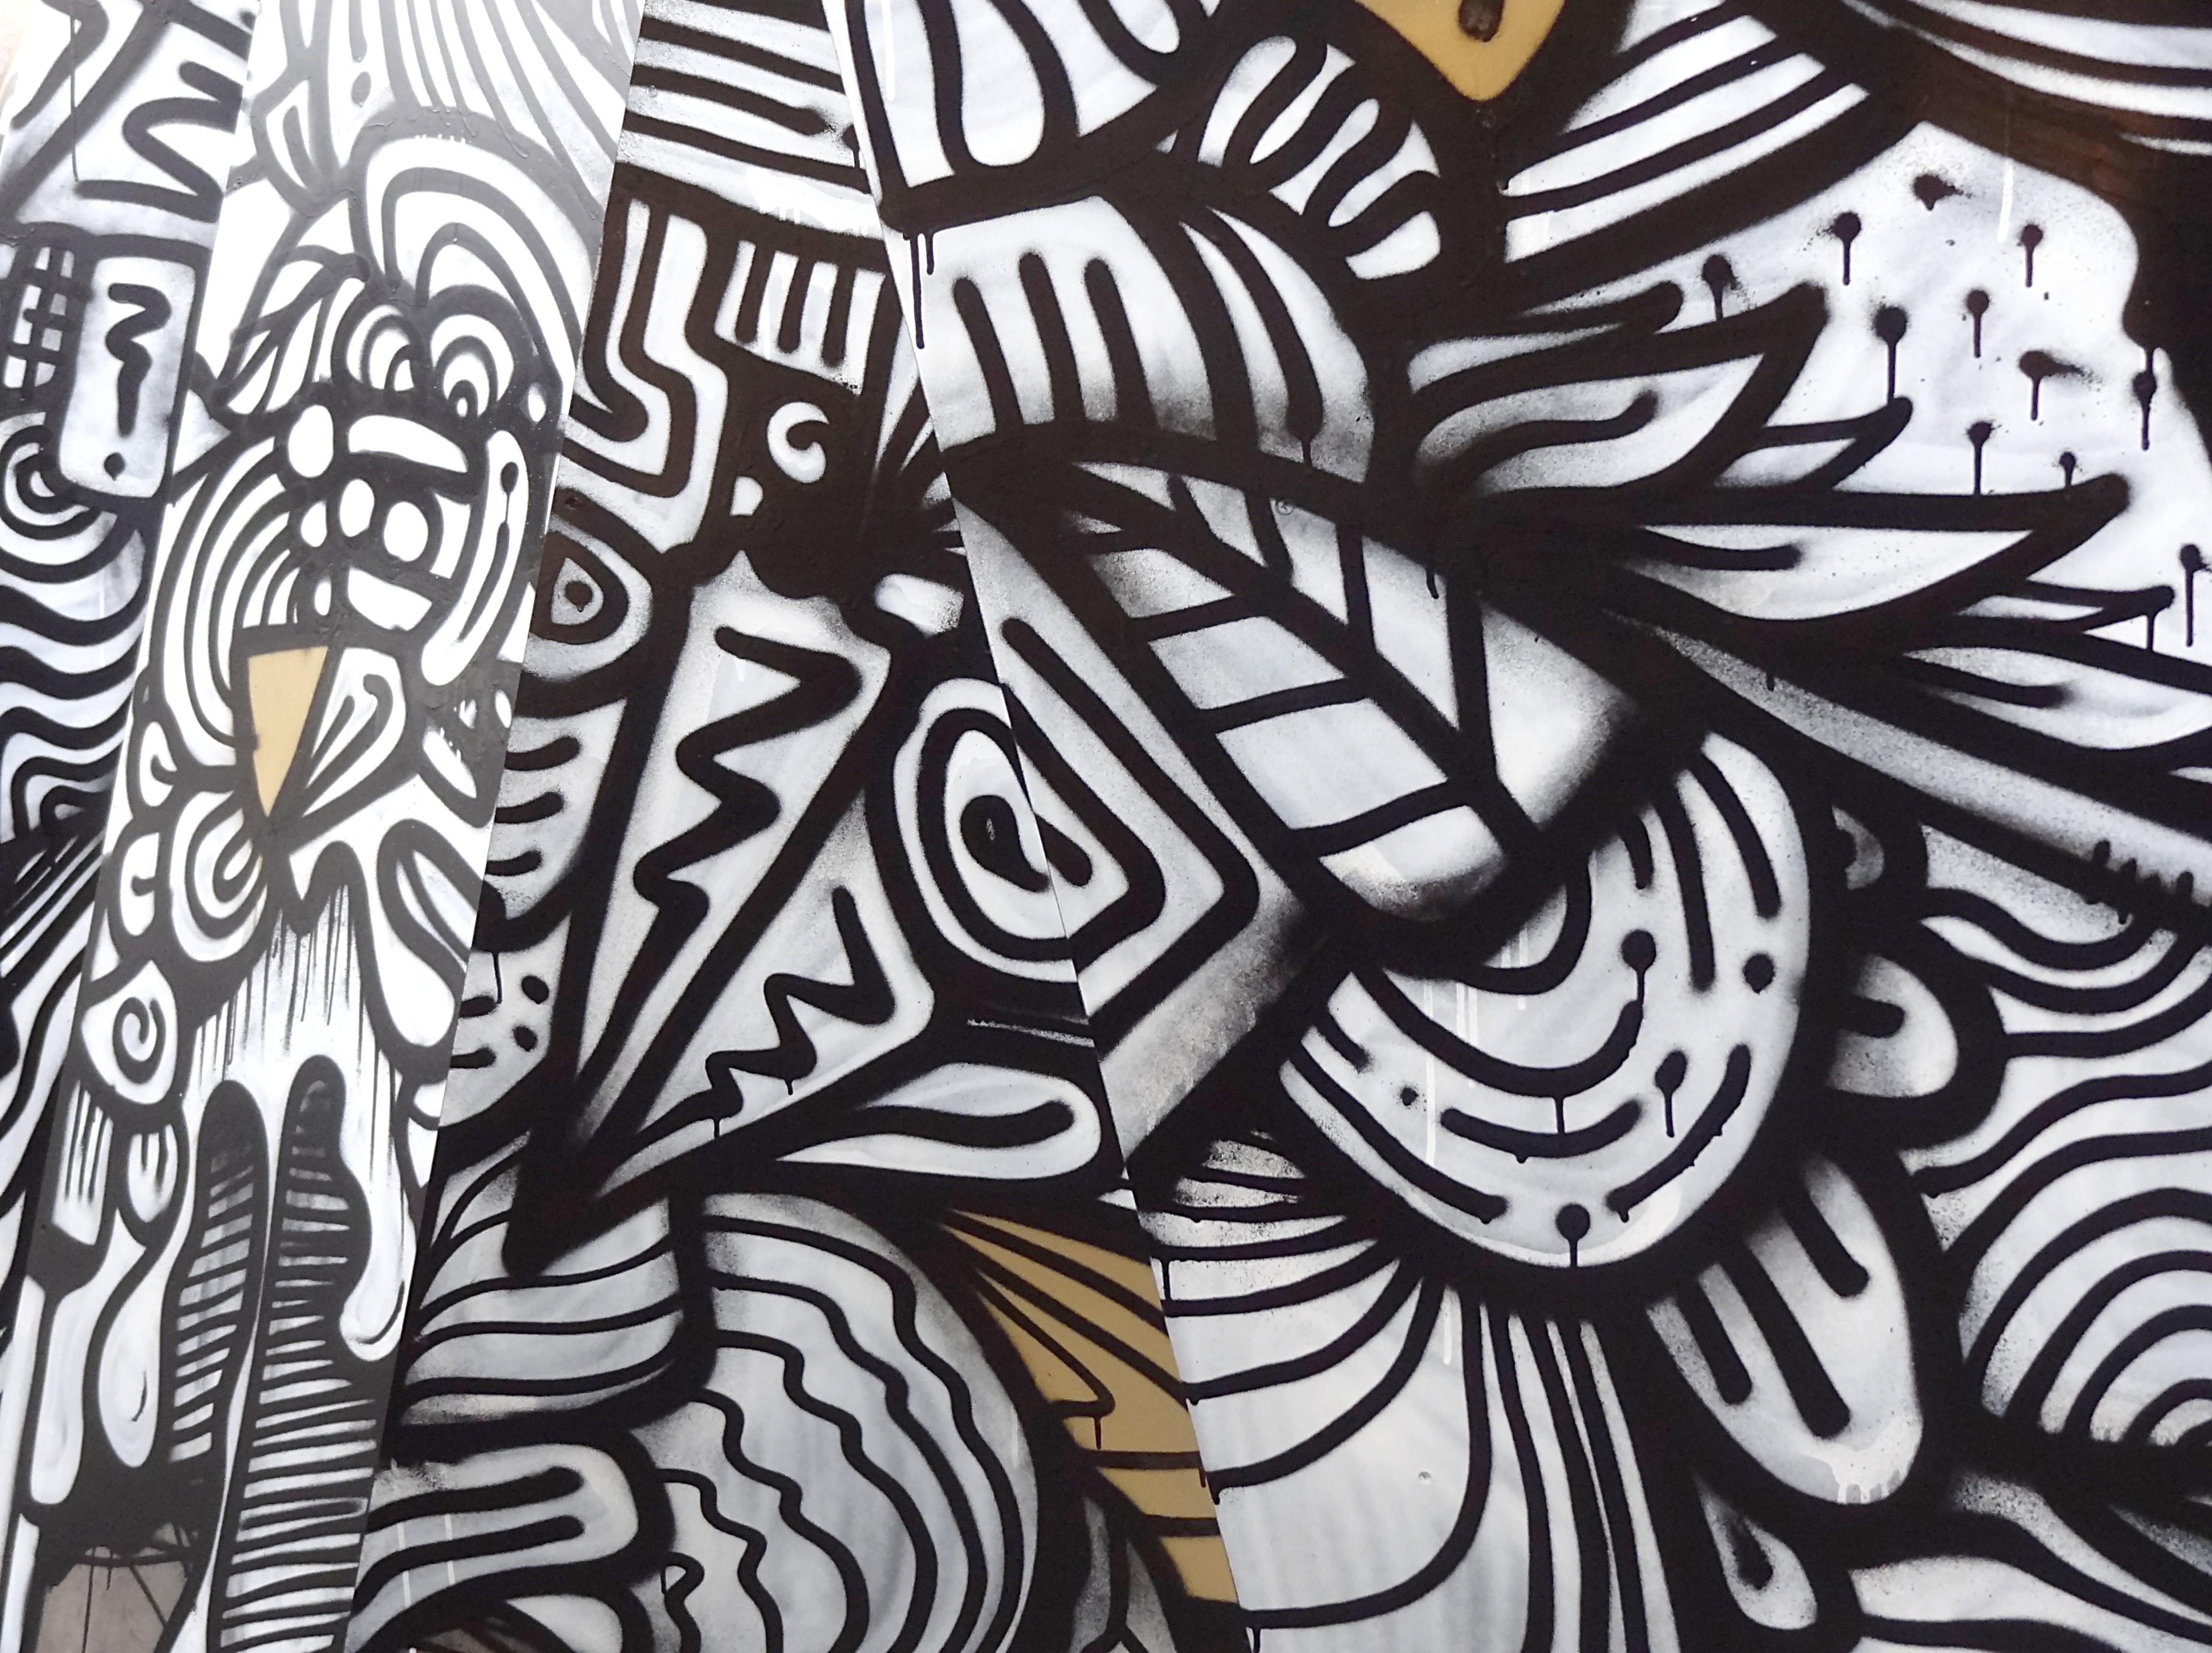 """Une vue de l'oeuvre de Hafem présentée dans le cadre de l'exposition """"Jardins secrets"""" à la Cité Nature d'Arras., Arras, Art, Cité Nature, France, HQ Photo"""